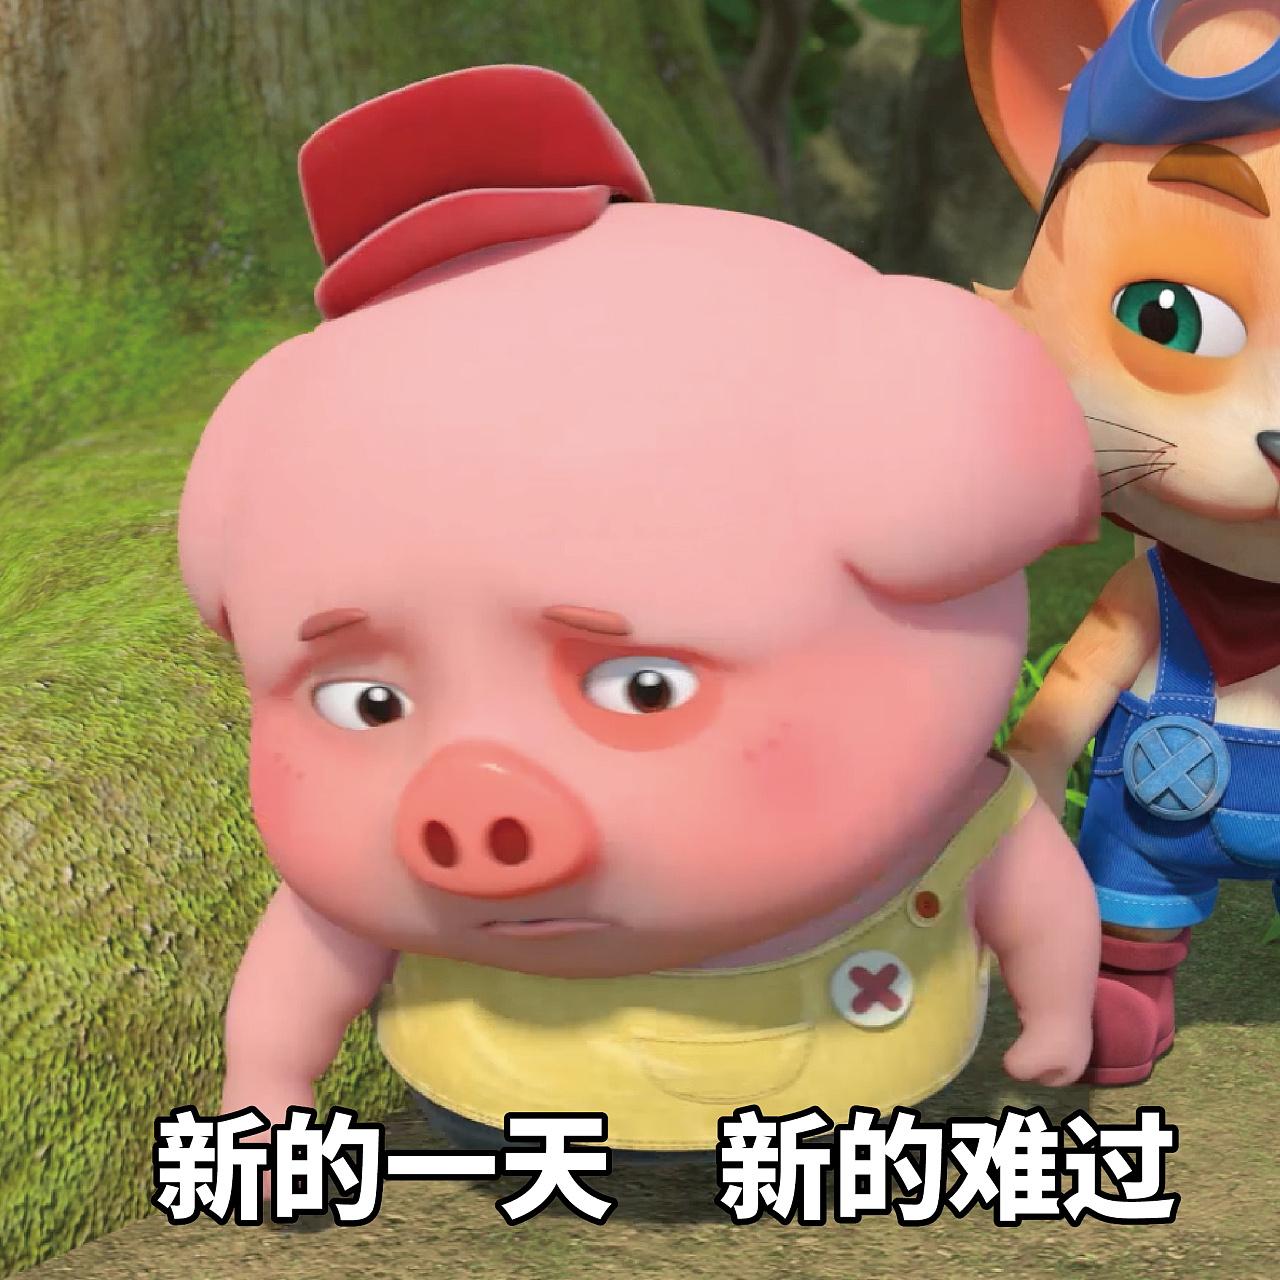 豆豆猪表情:你小表情已奔跑你兄弟,请点赞获鹿打晗包被拒收吧宝贝信息变腿图片